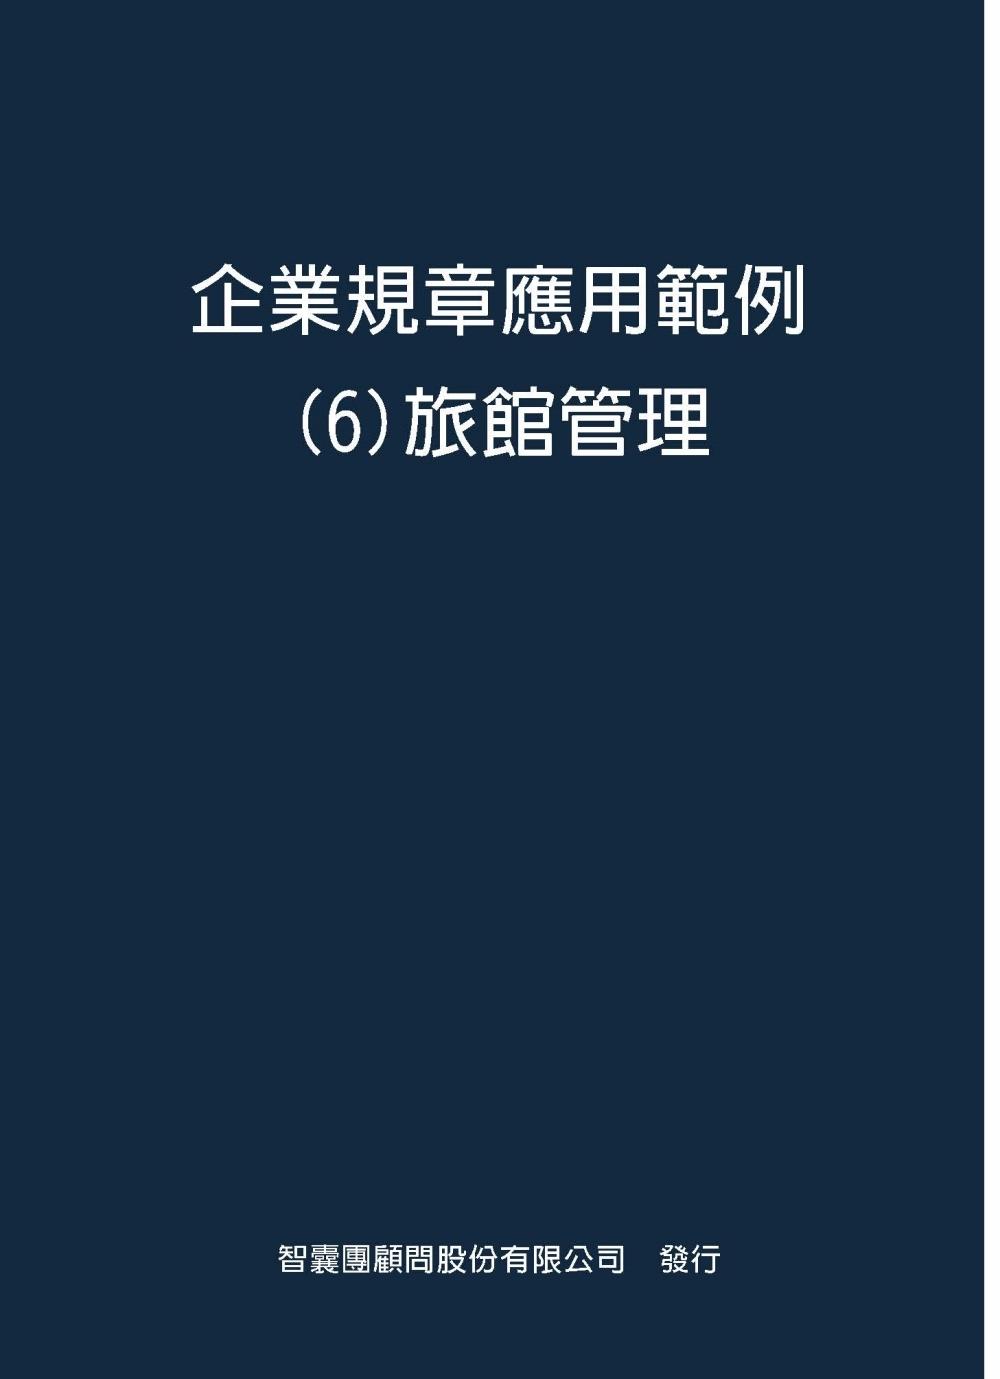 企業規章應用範例6旅館管理